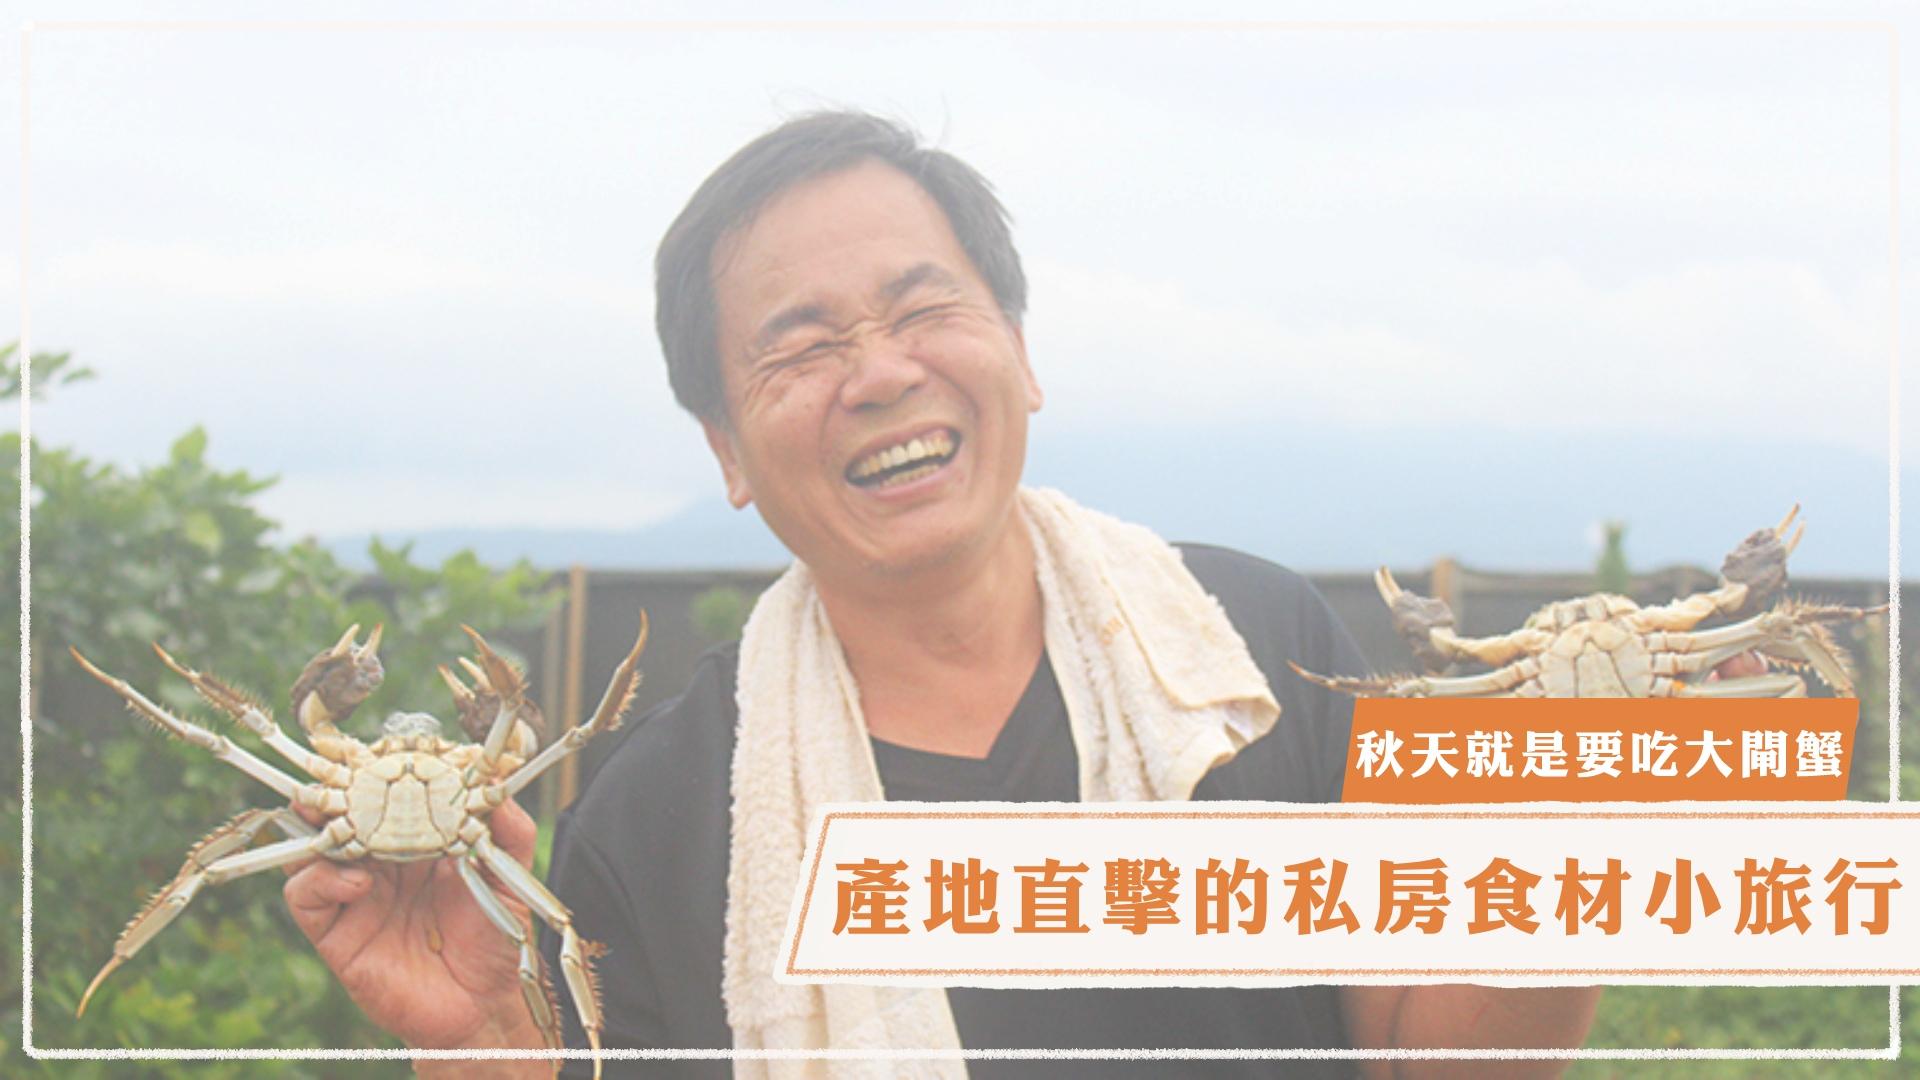 秋天就是要吃大閘蟹,產地直擊的私房食材小旅行